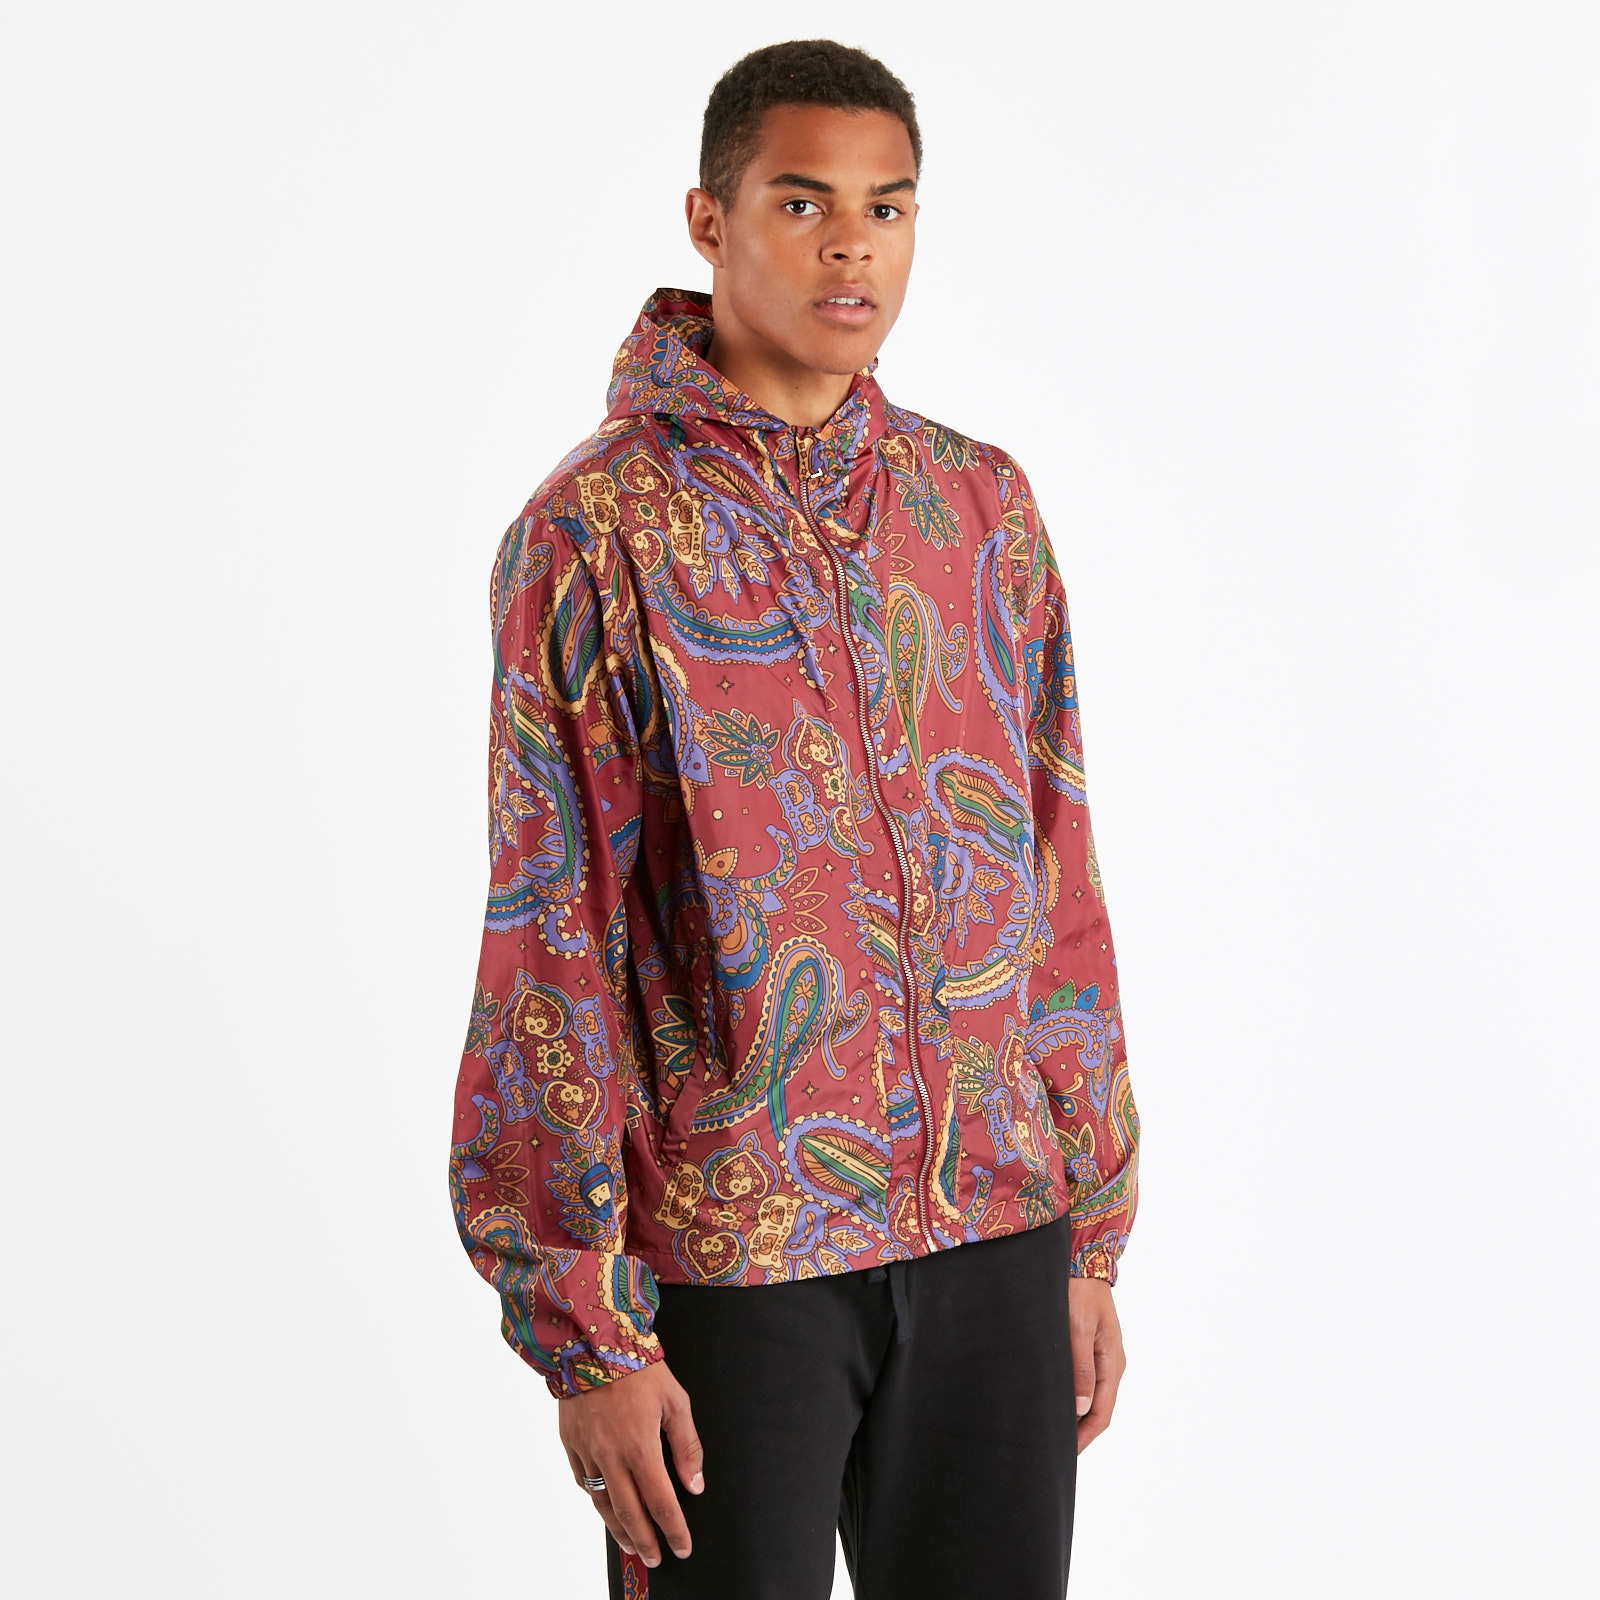 2f58e11d1 Billionaire Boys Club Paisley Nylon Jacket - B18308-red - Sneakersnstuff |  sneakers & streetwear online since 1999